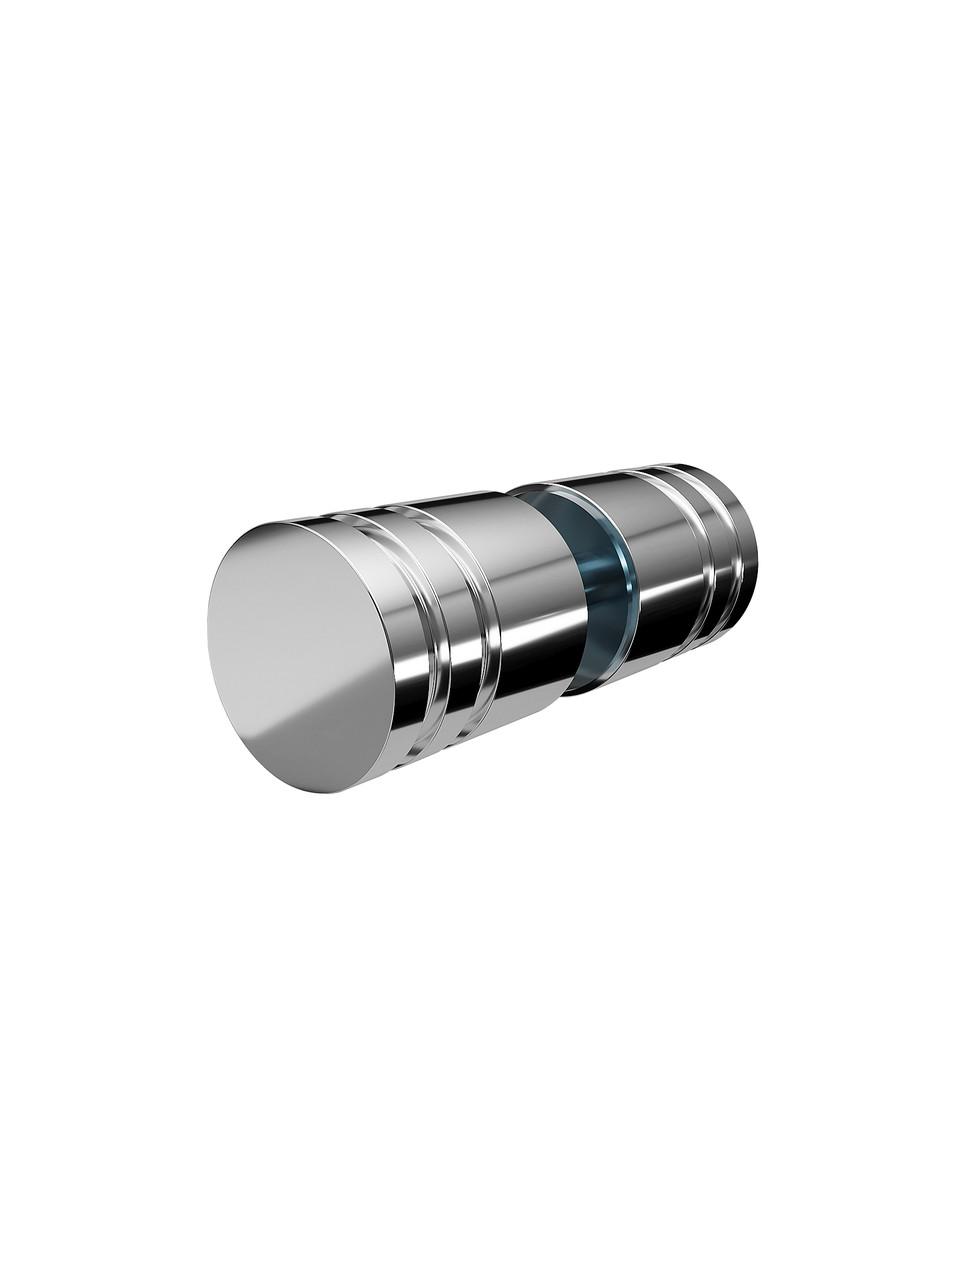 ODF-07-04-02 Ручка для душевых кабин, полированная